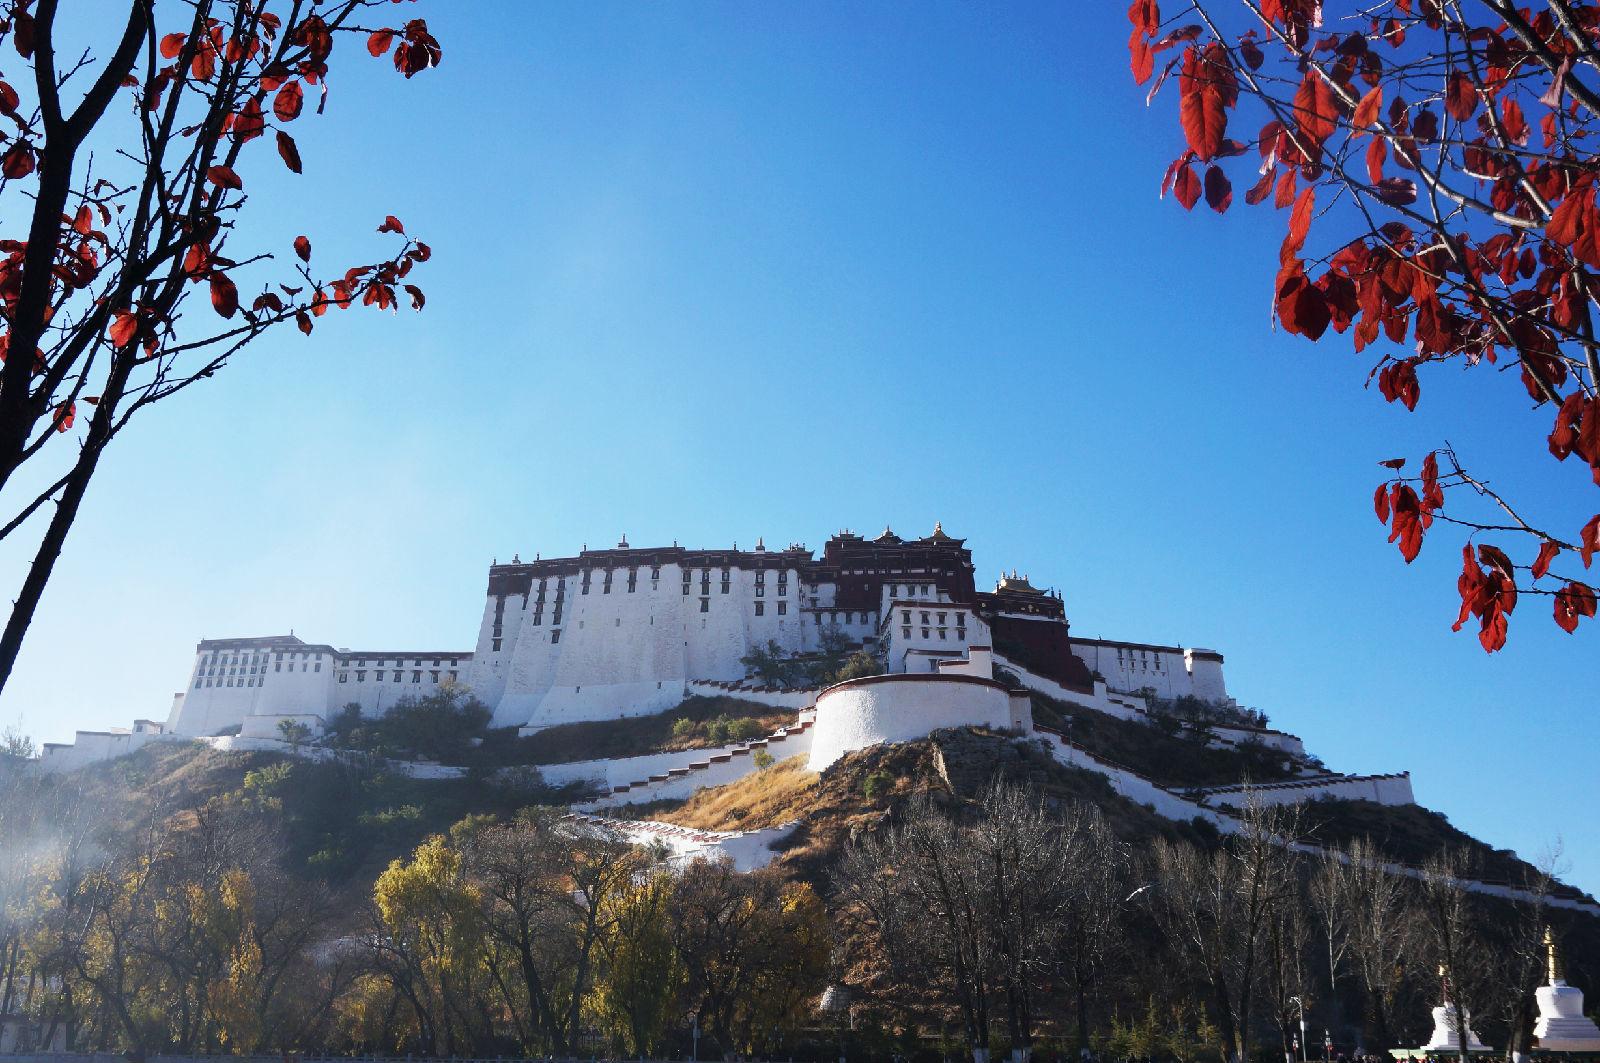 Tibet Lhasa Potala Palace